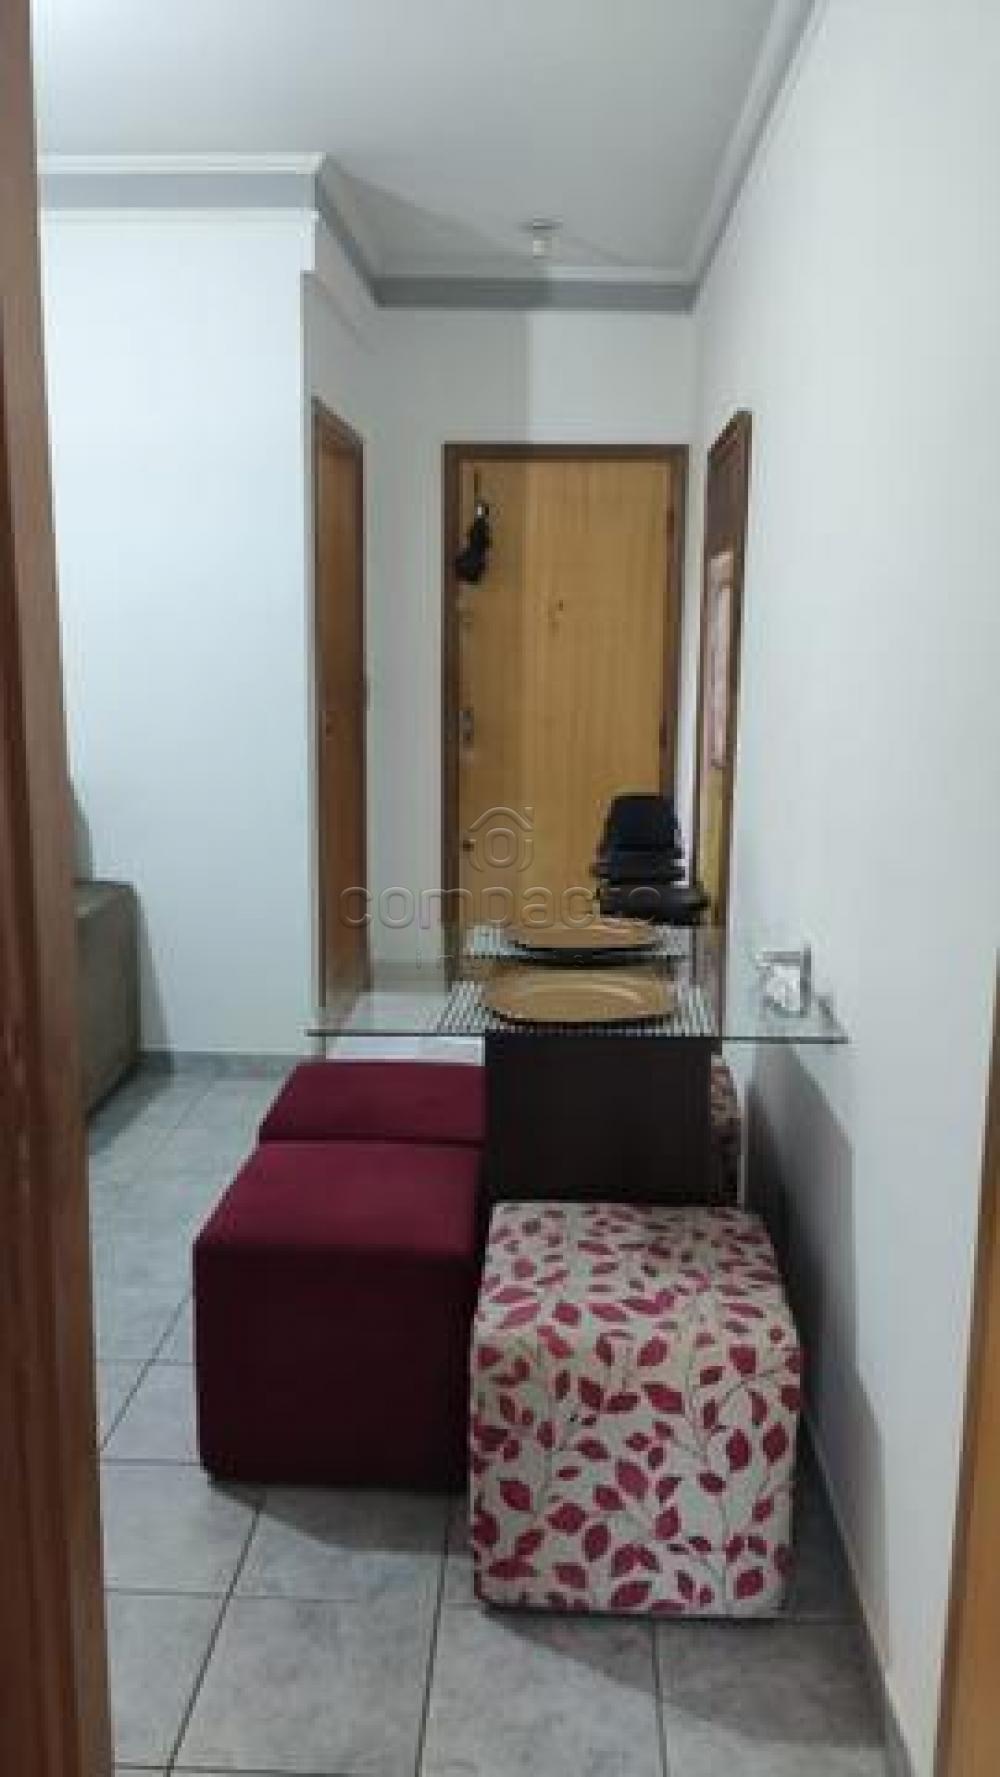 Comprar Apartamento / Padrão em São José do Rio Preto apenas R$ 170.000,00 - Foto 4